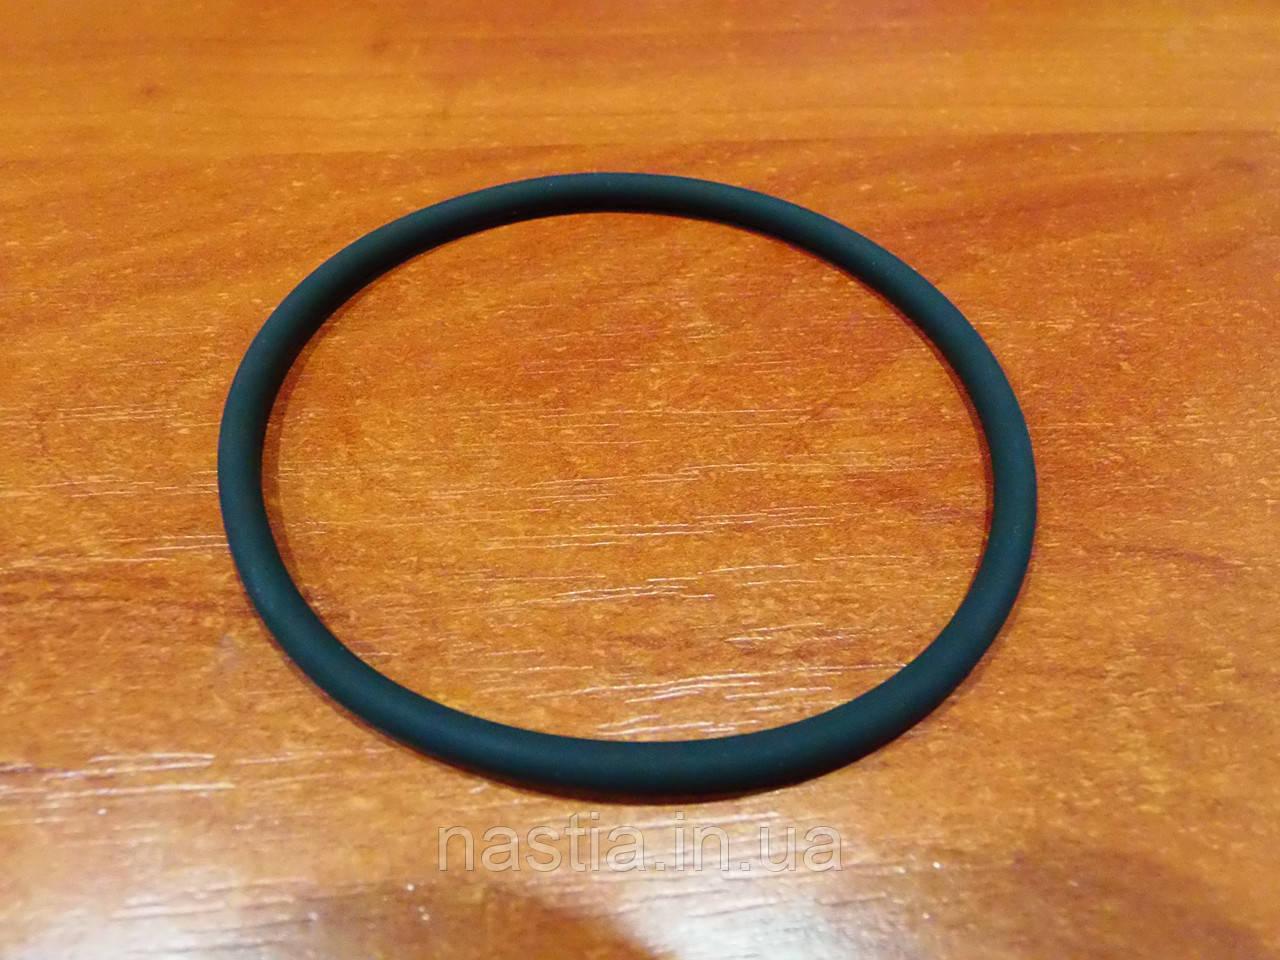 Прокладка бойлера Амбра, Вендінг 0730-40 (чорні)